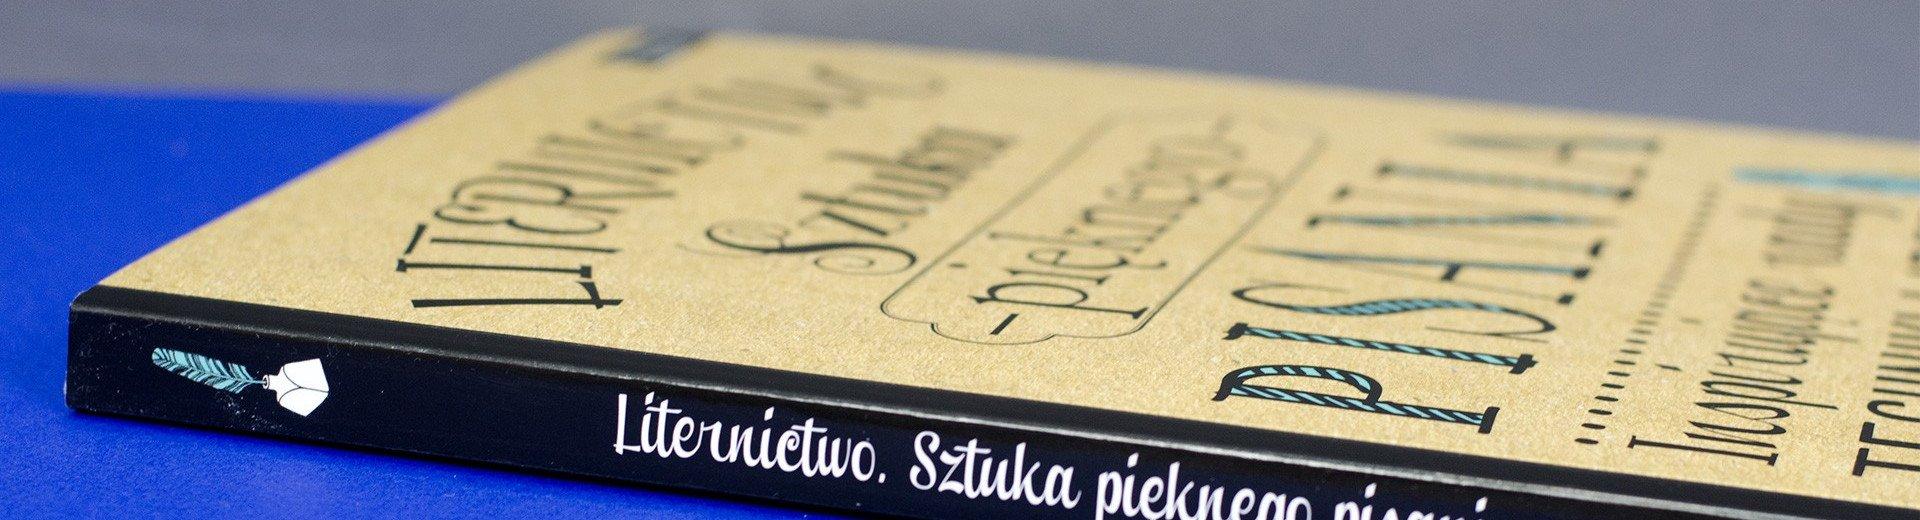 """Okładka artykułu """"Liternictwo. Sztuka pięknego pisania"""" — Recenzja książki G.J. Kirkendall, L. Lavender, J. Manwaring, S.L. Panczyszyn"""